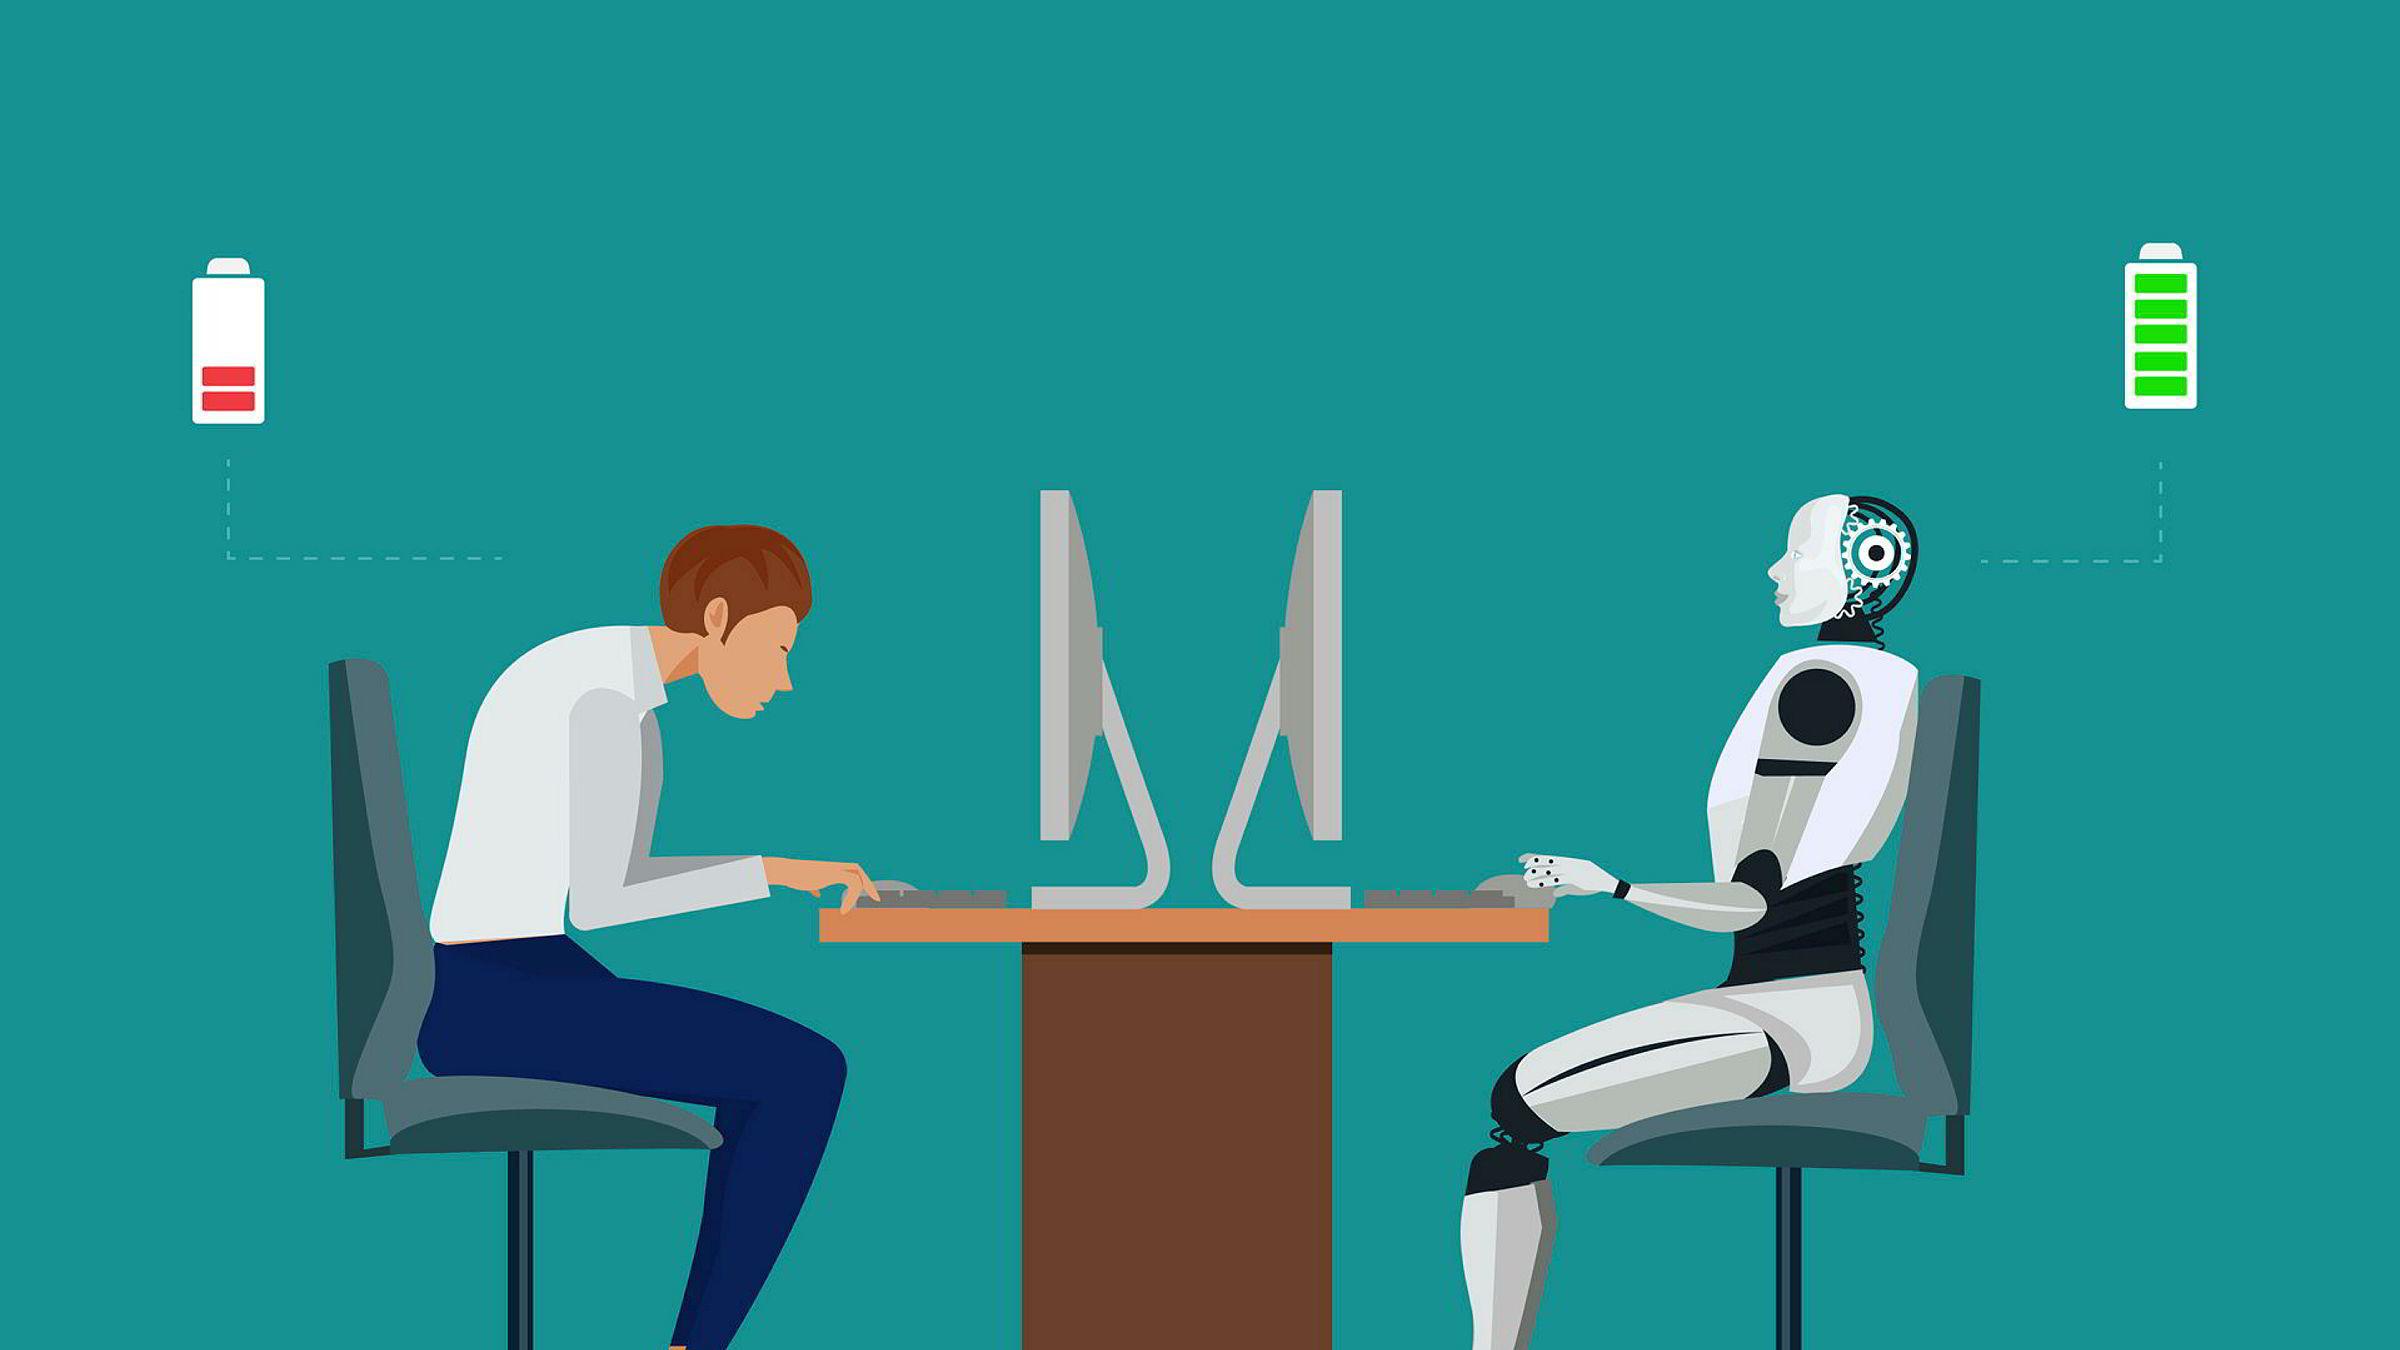 Før vi ansetter noen, ser vi om det er teknologi vi kan bruke. Dersom vi absolutt må ansette noen, ansetter vi folk som er eksperter i et verktøy de kan bruke. Vi ser starten på at alle de tradisjonelle funksjoner i et firma er i ferd med å bli effektivisert – og i mange tilfeller erstattet – av teknologi.